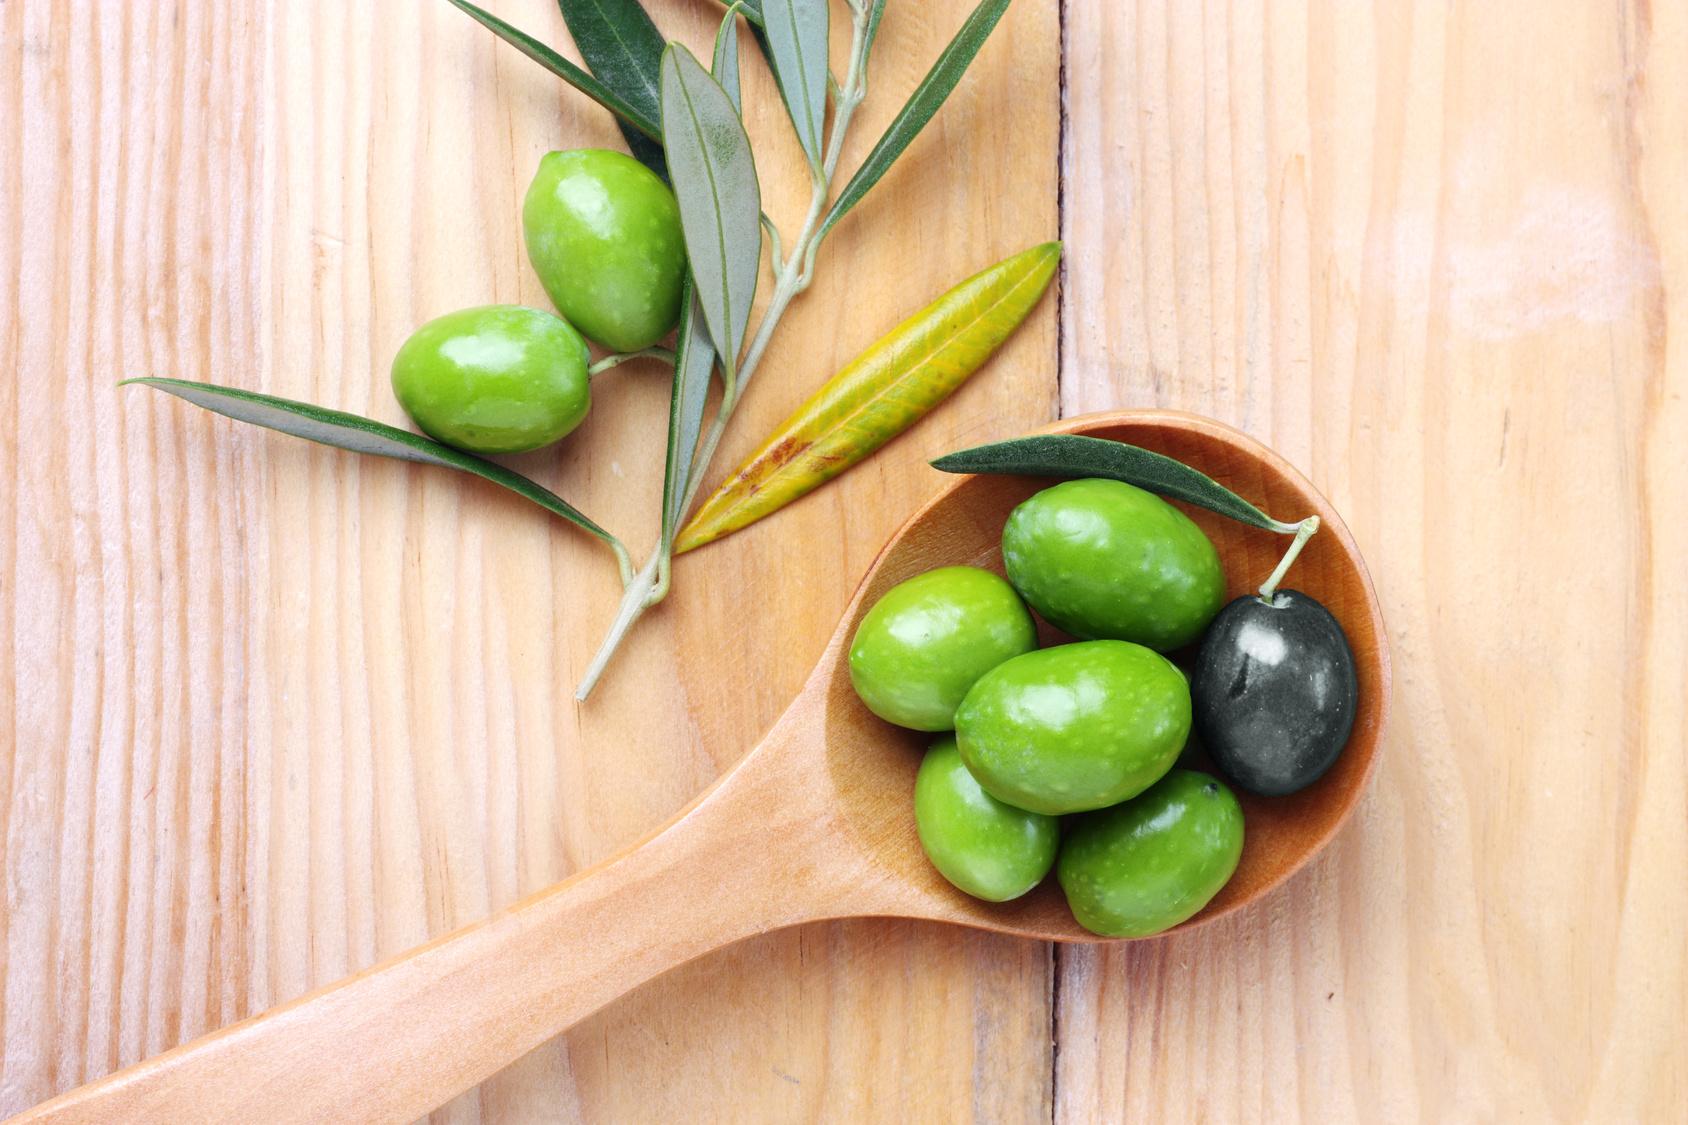 Olivenöl:  Woran erkennt man ein gesundes Olivenöl?